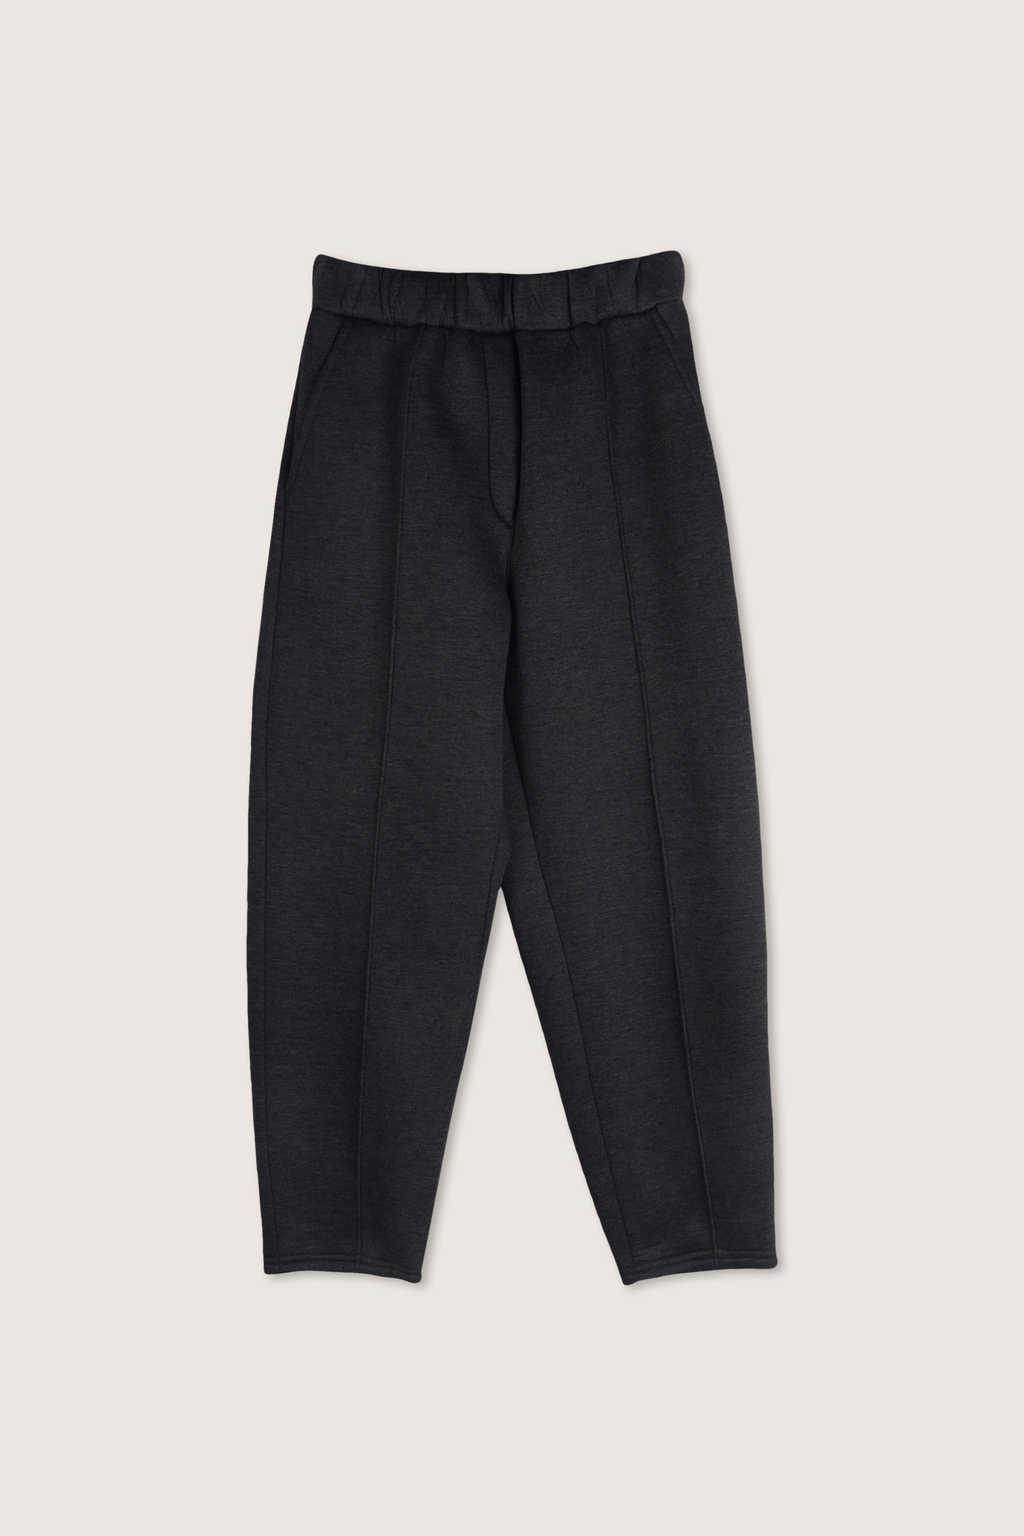 Pant H326 Black 7